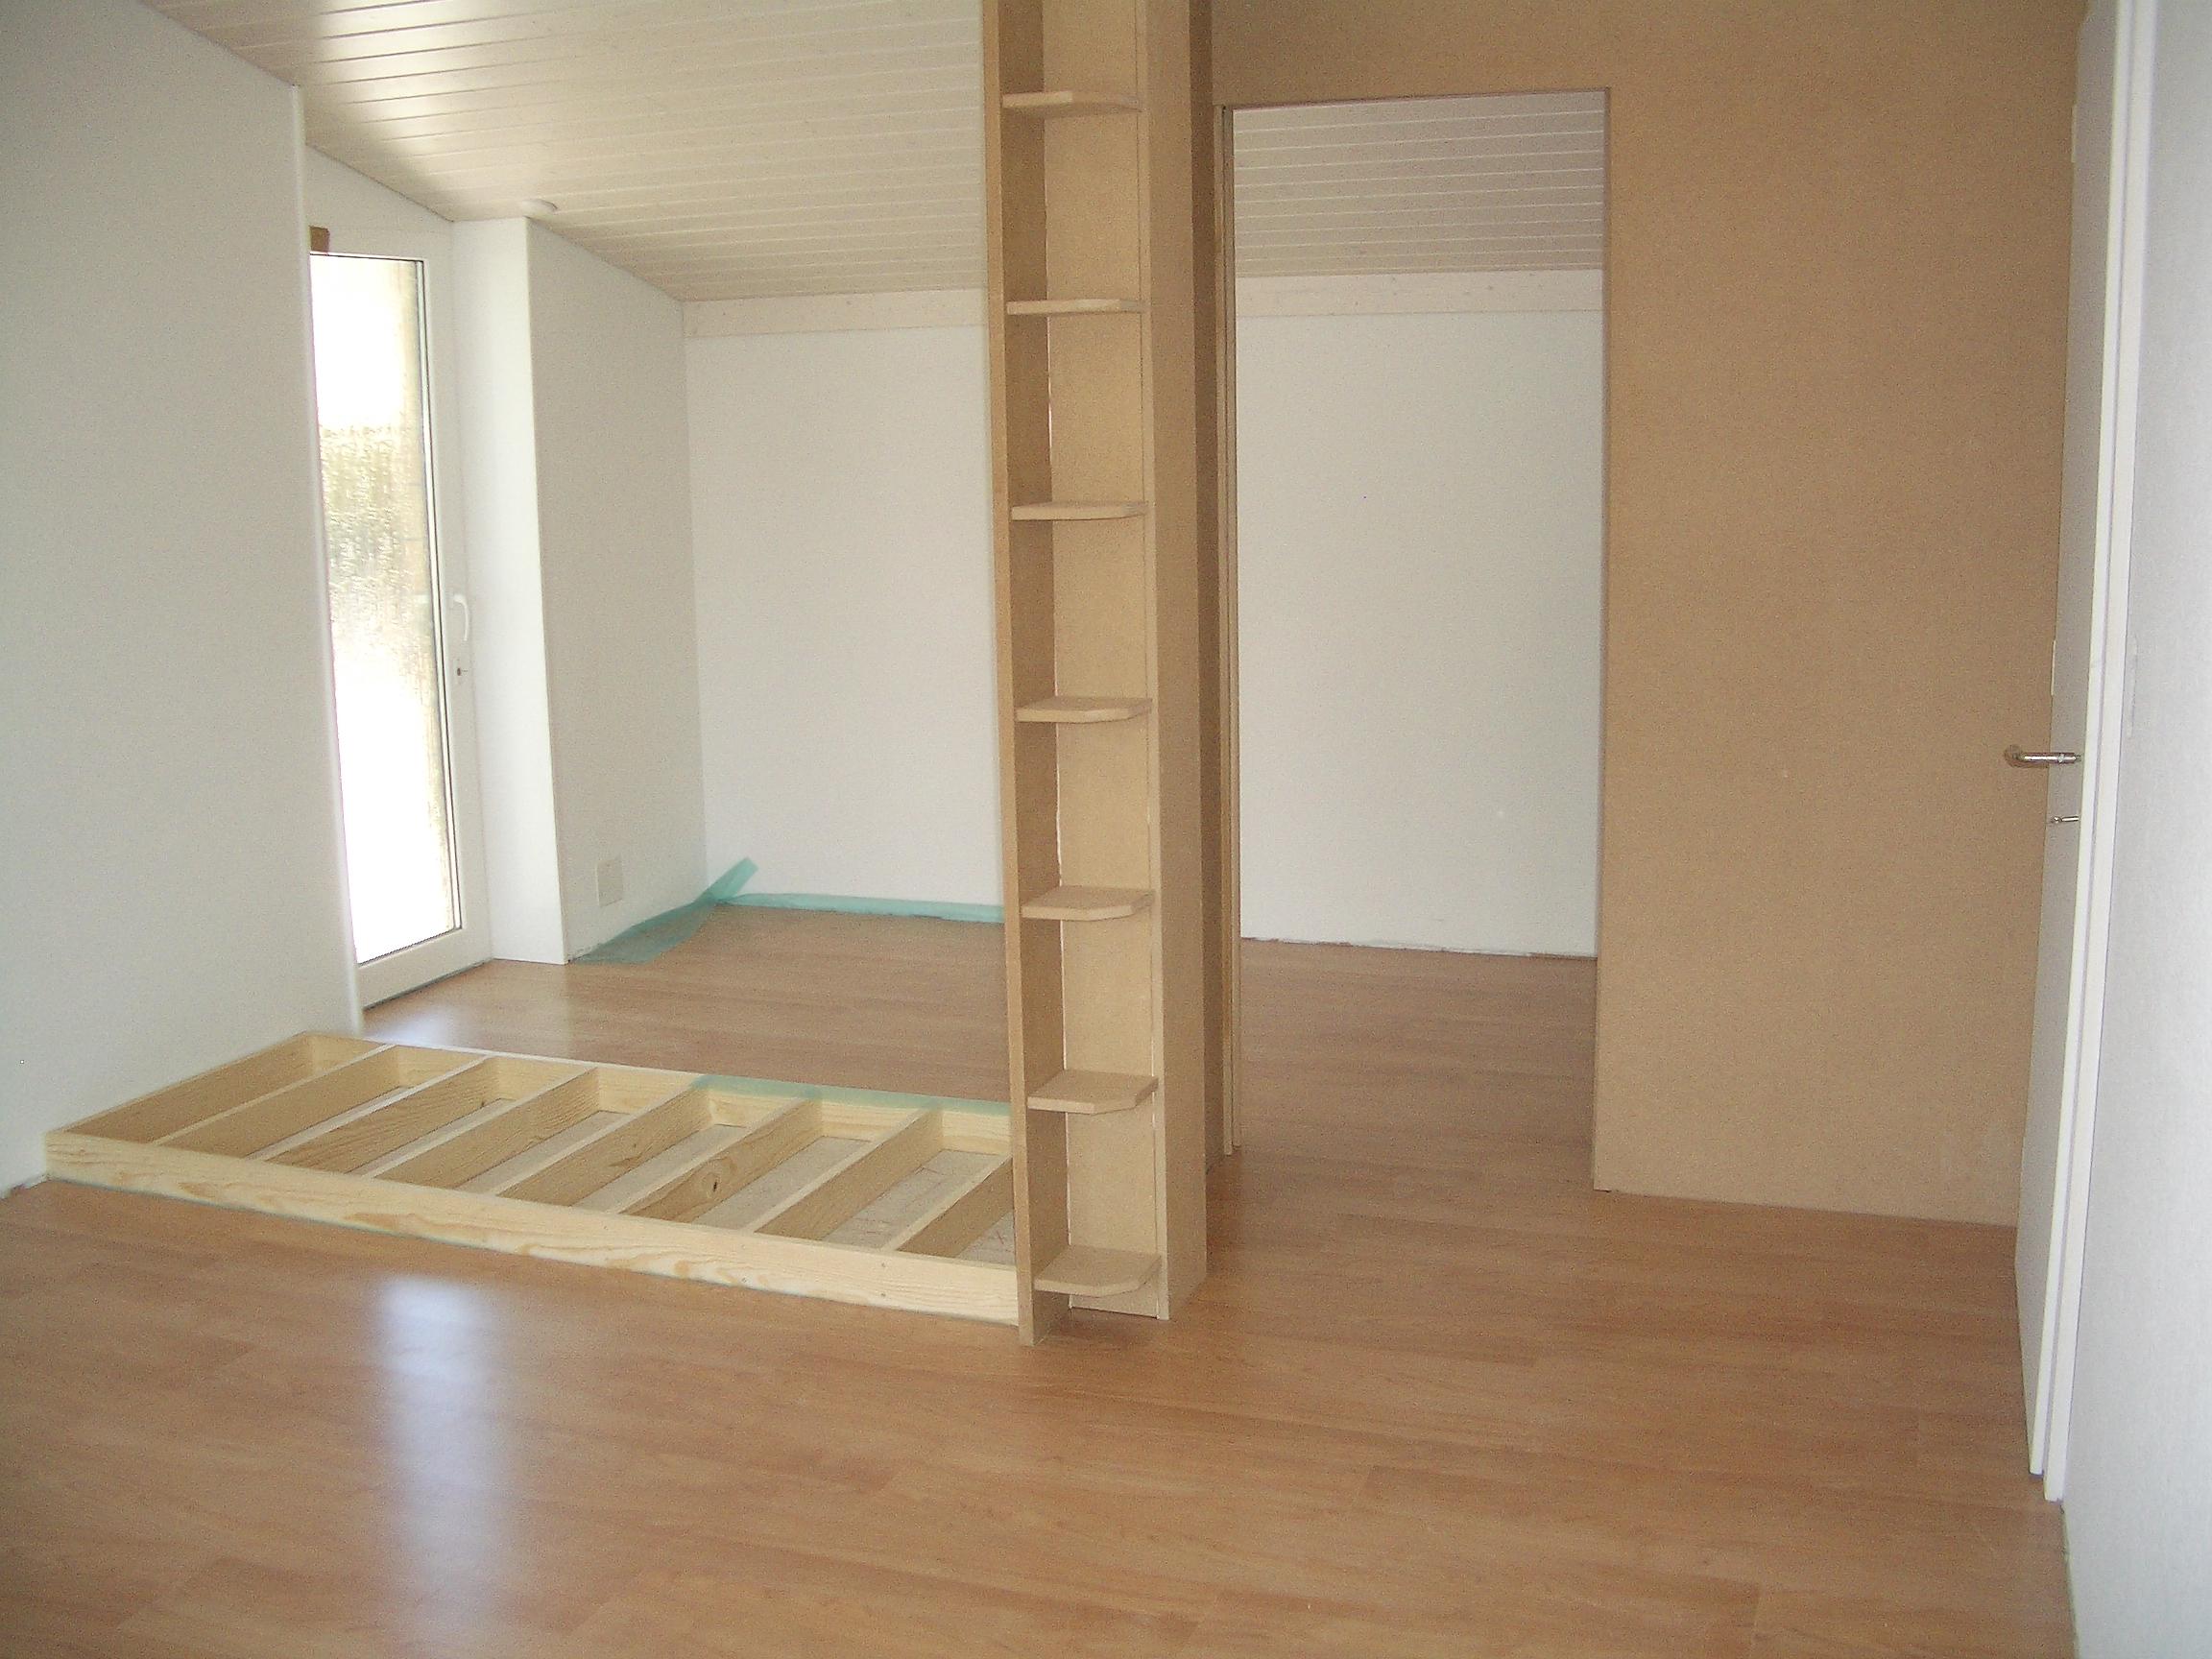 sous couche mlamin gallery of peindre un meuble en bois verni en bois peint mlamin ou stratifi. Black Bedroom Furniture Sets. Home Design Ideas